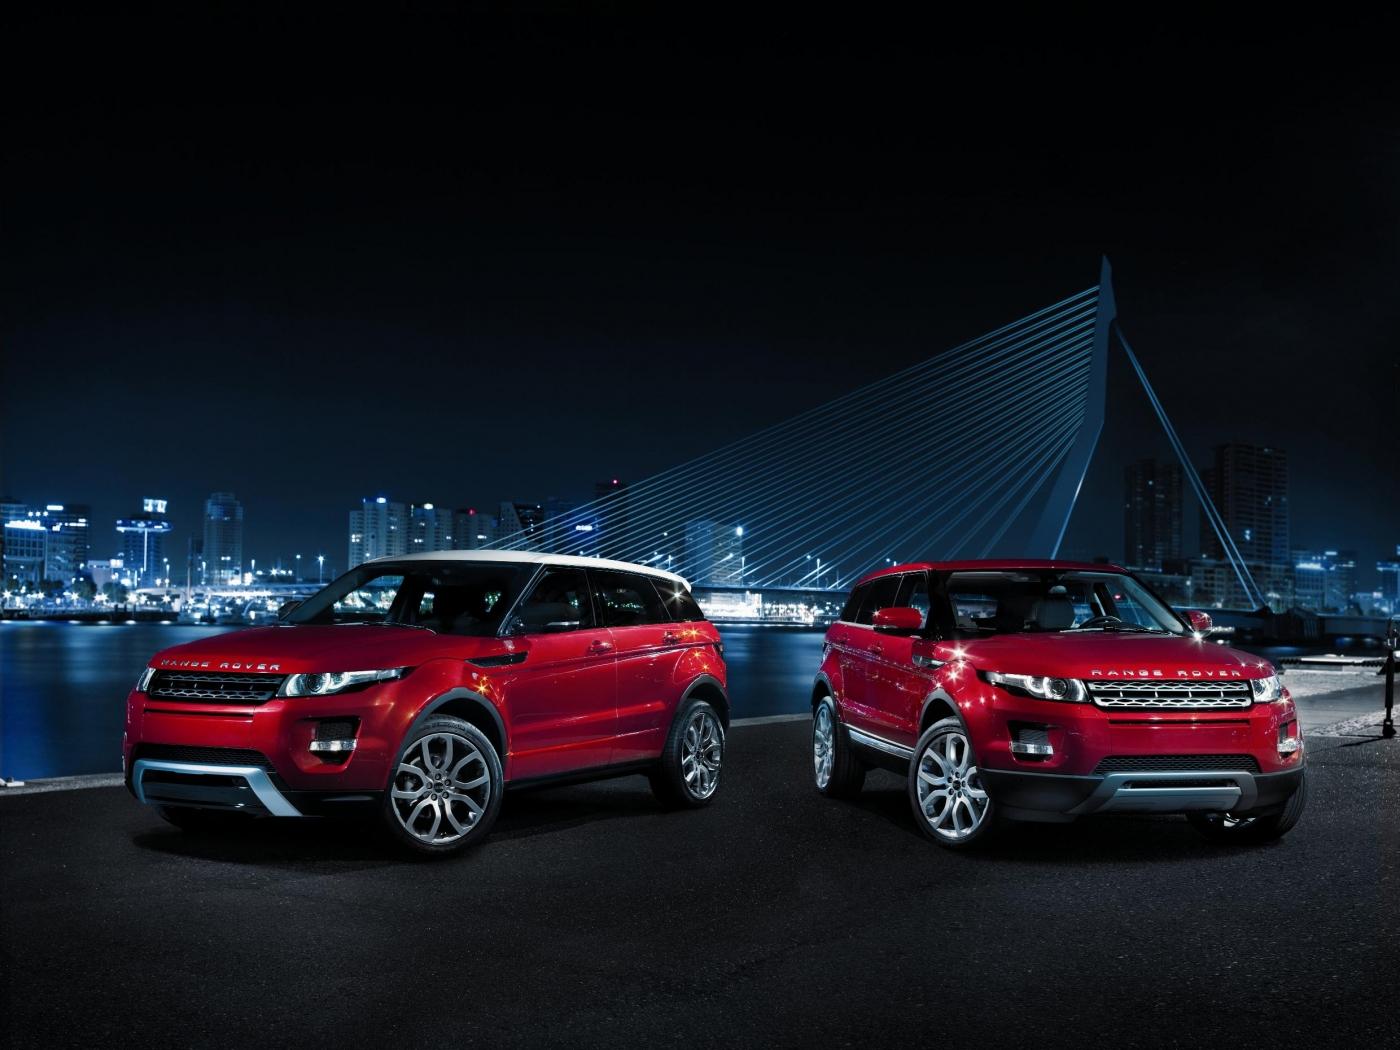 36723 скачать обои Транспорт, Машины, Рендж Ровер (Range Rover) - заставки и картинки бесплатно